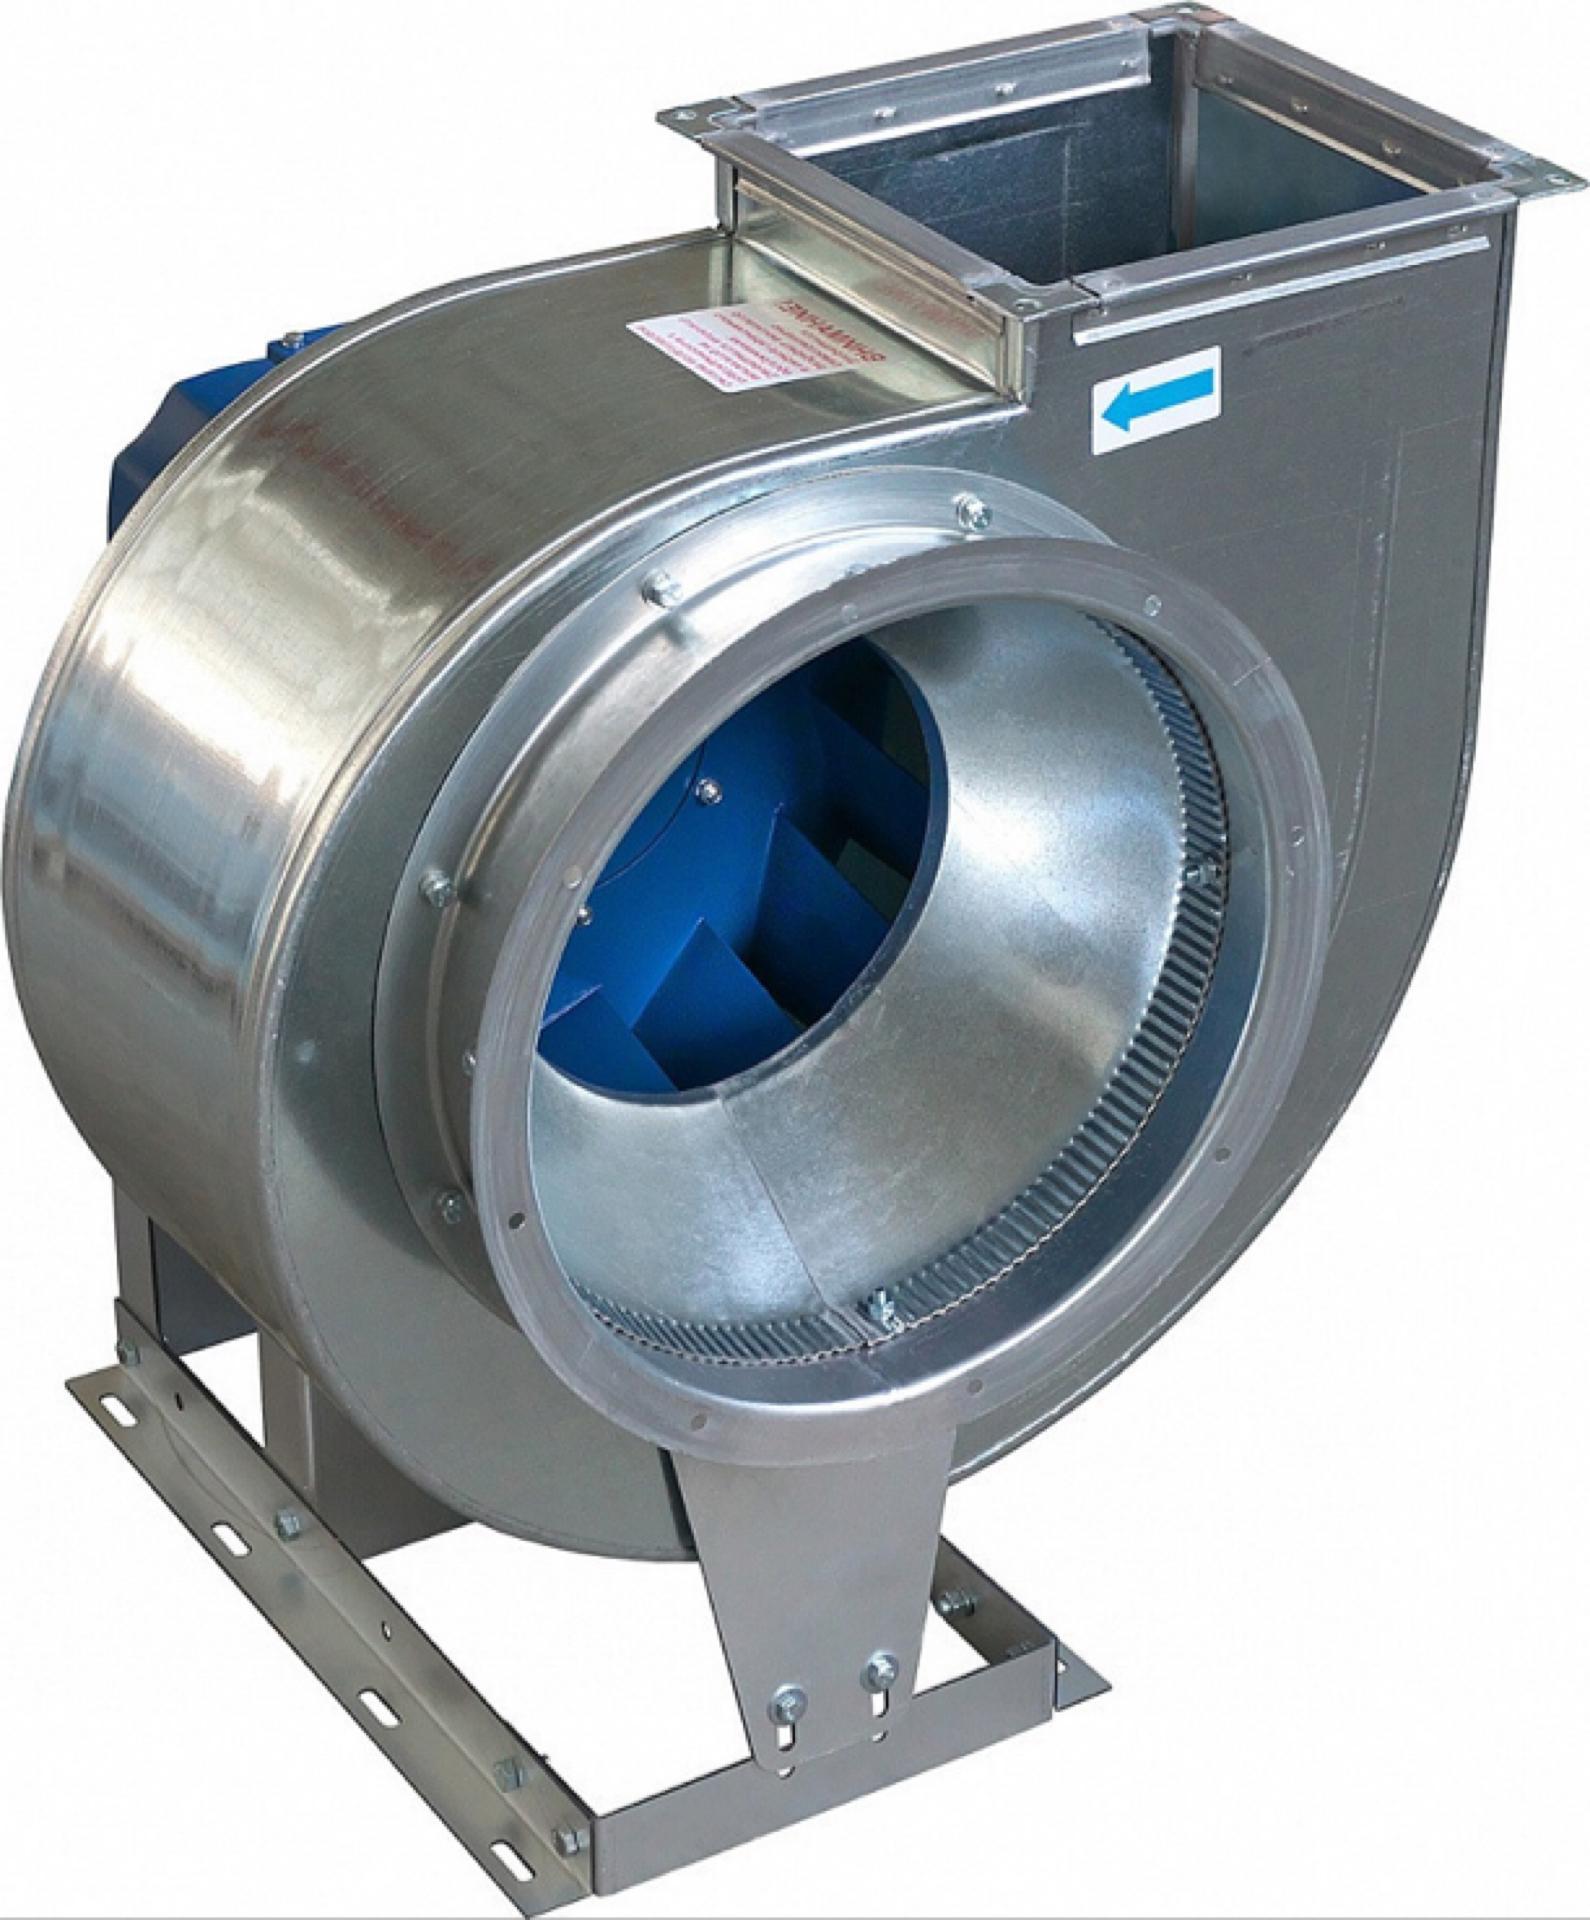 Вентилятор ВР-86-77-2,5 0,18 кВт*1500 об/мин ЛО